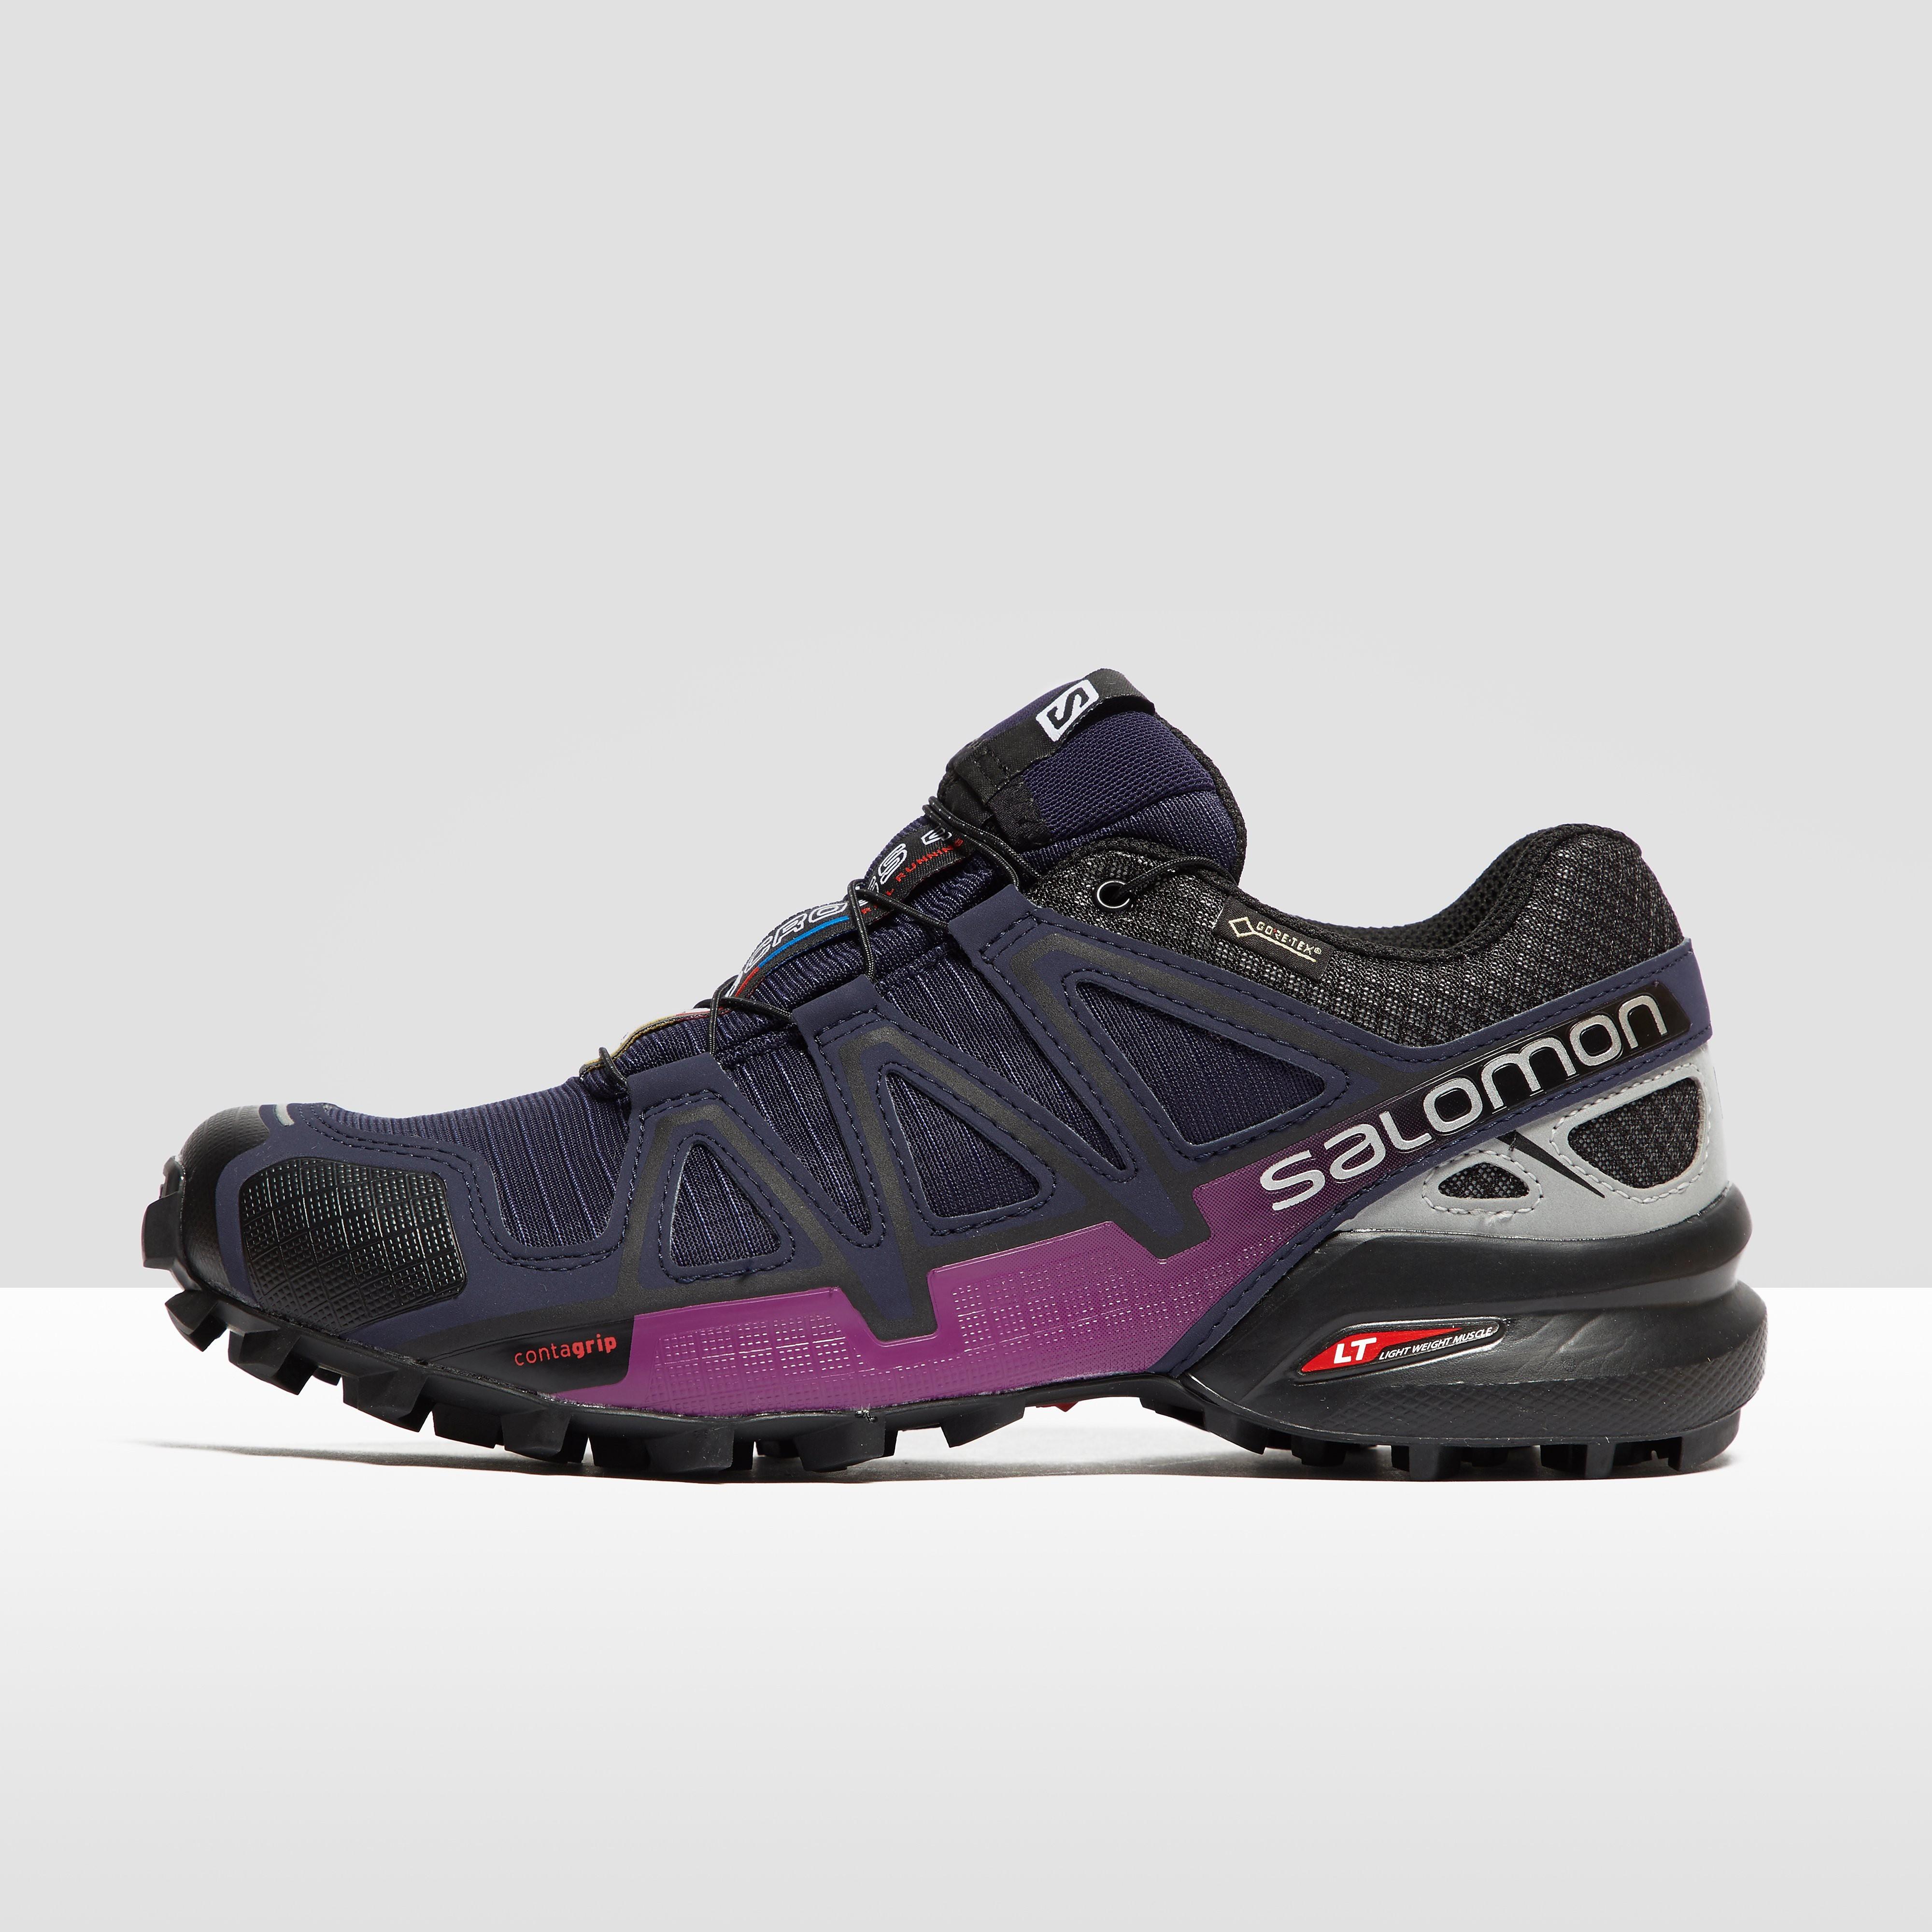 Salomon SPEEDCROSS 4 NOCTURNE GTX Women's Running Shoes